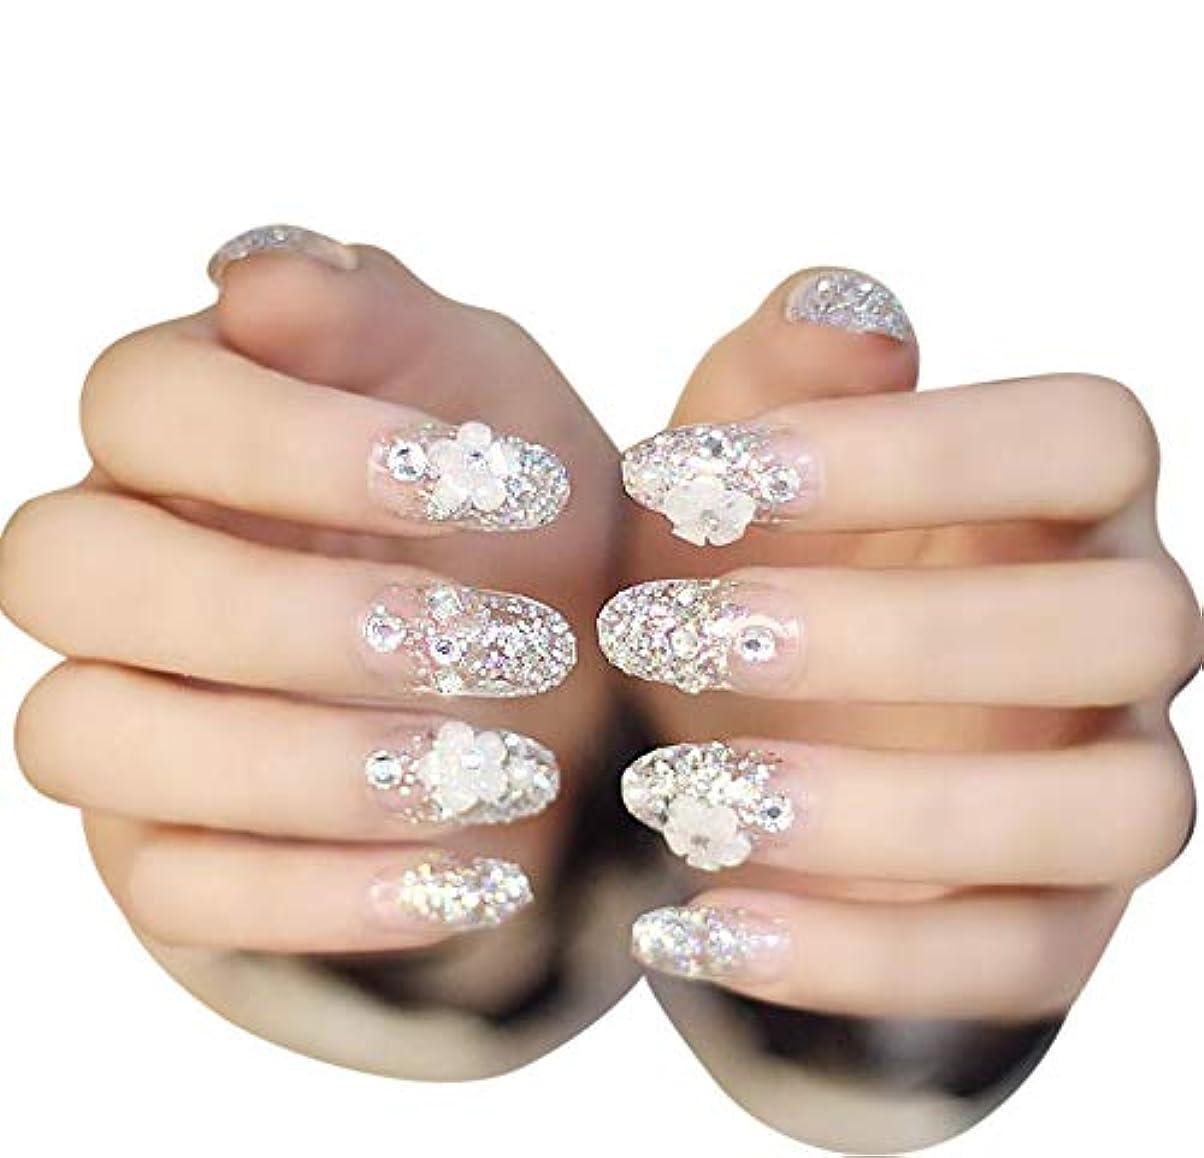 中国再発する含意YUJIA ネイルチップ つけ爪 付け爪 つけ方簡単 ネイル デコネイルコレクション シール ハロウィン 母の日 パーティ 人気 毎日変身 24枚セット (A)